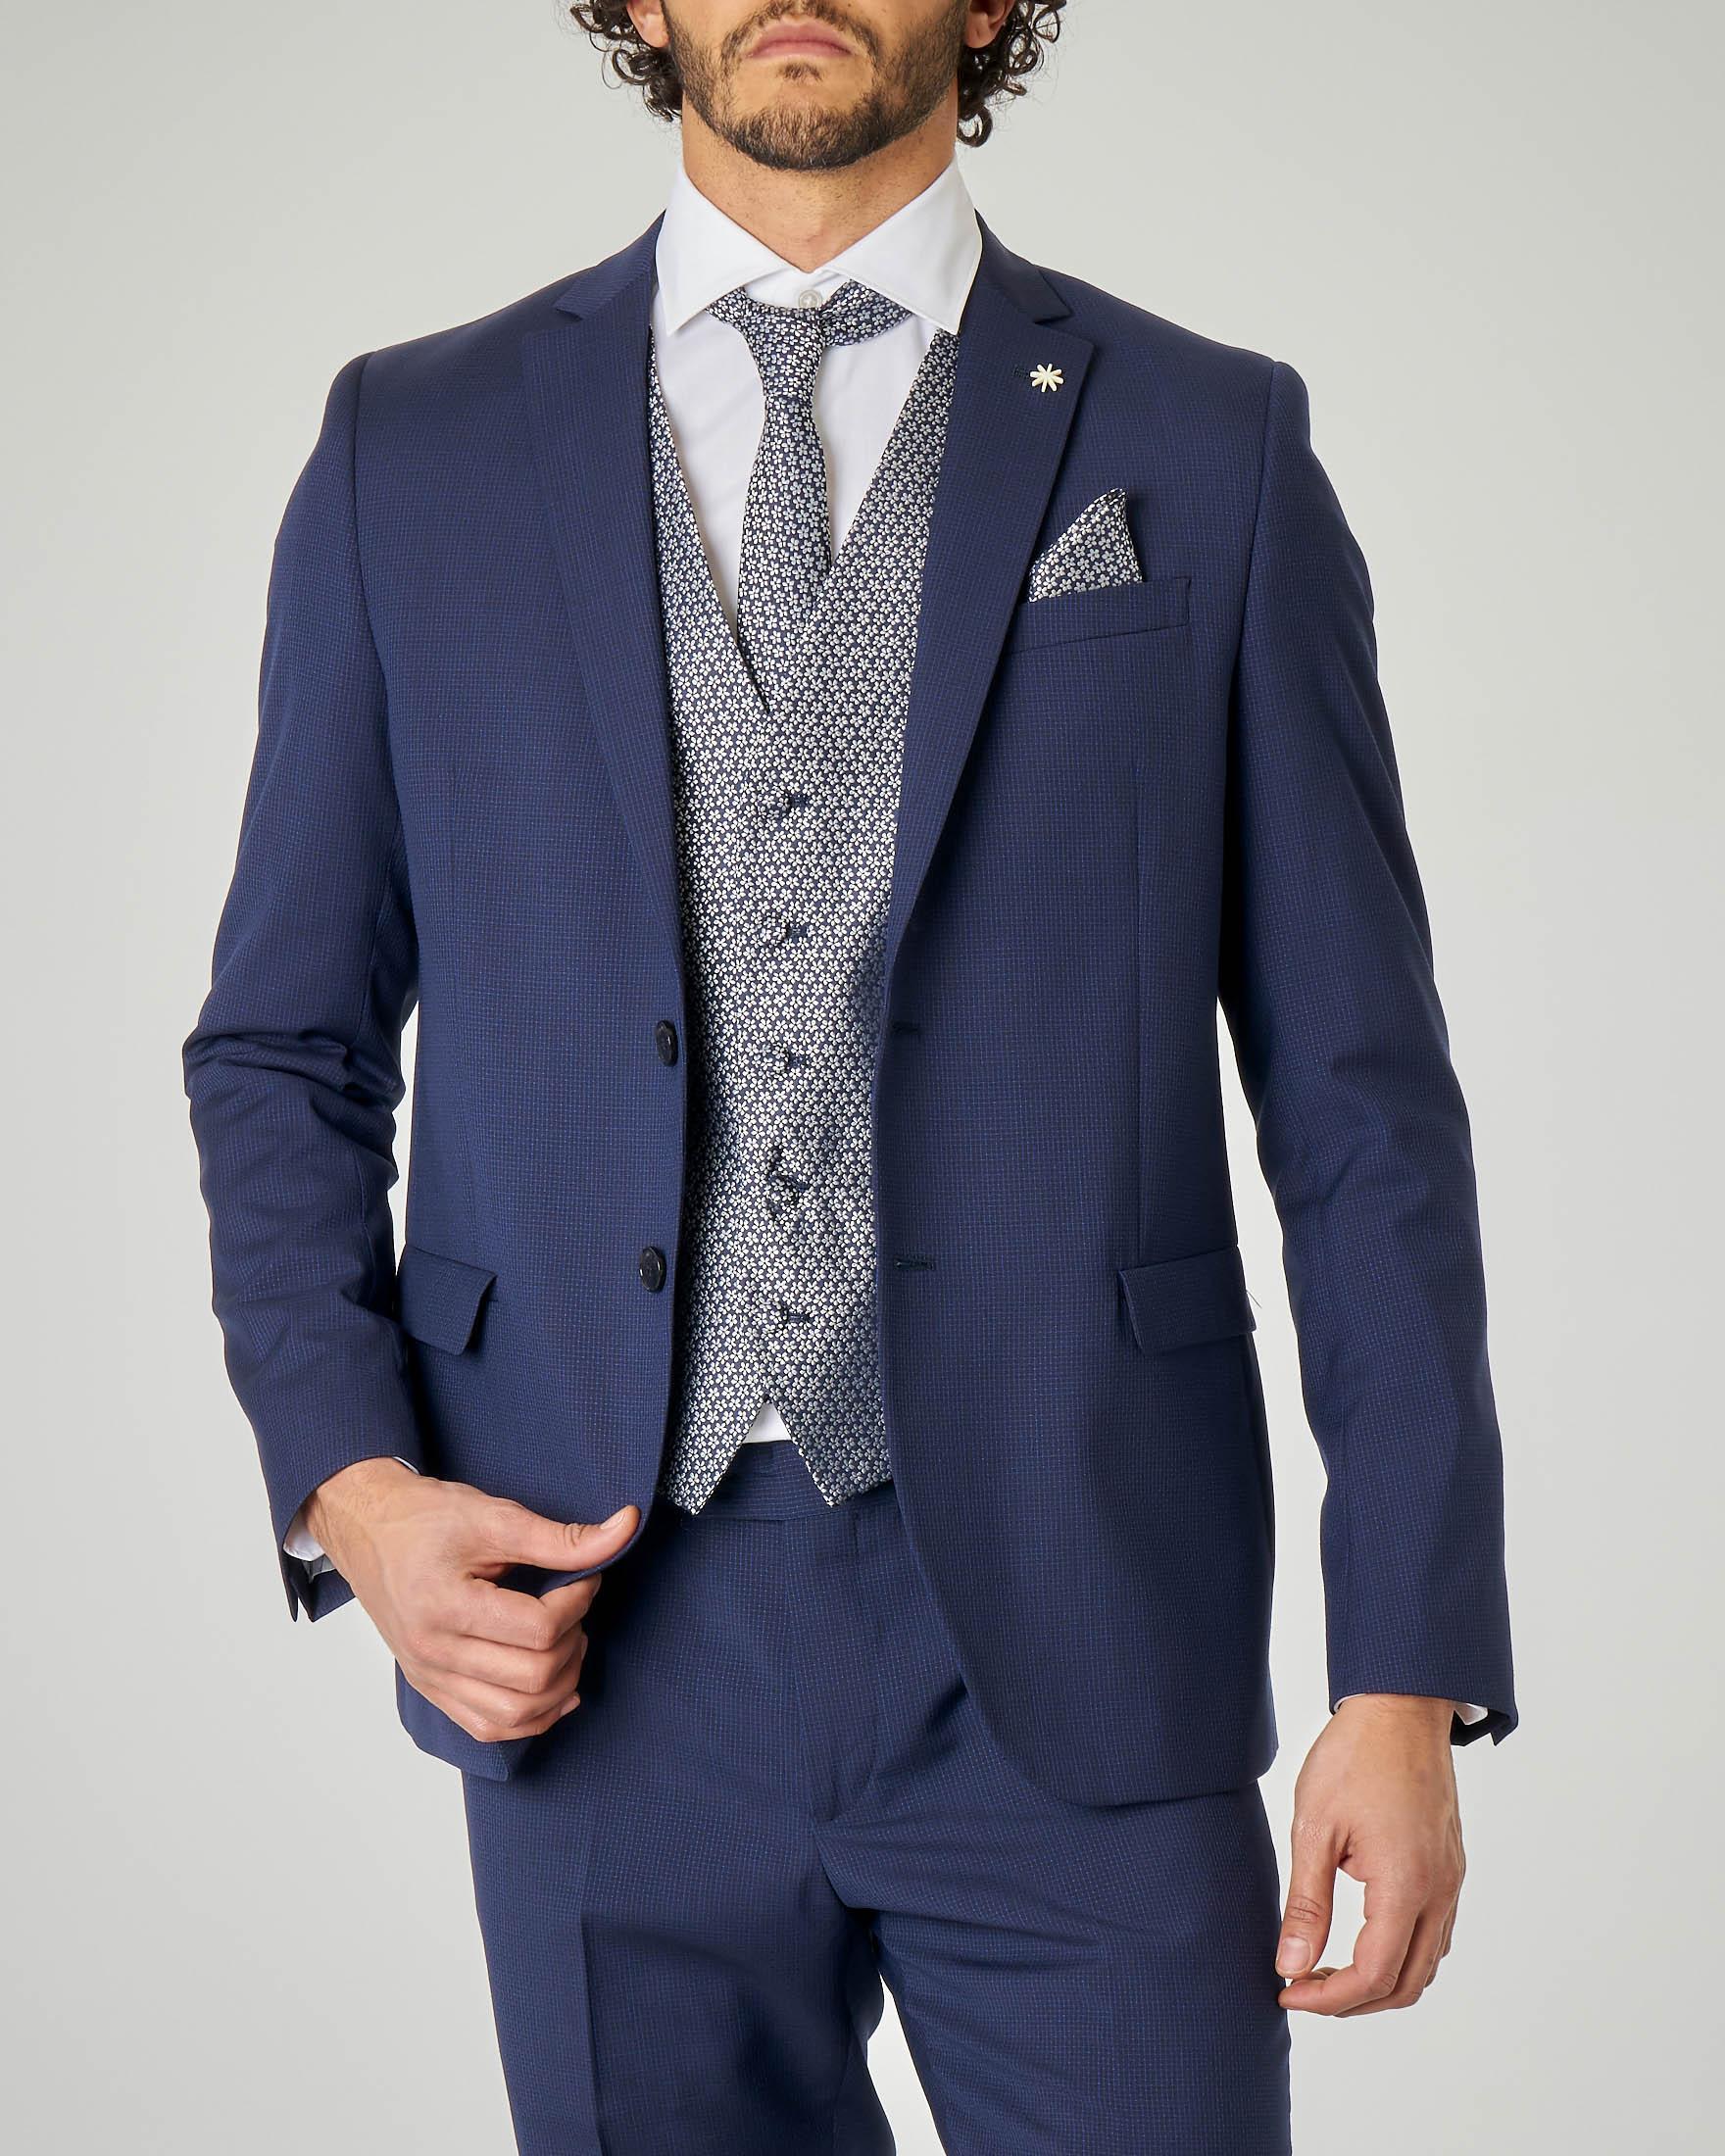 Gilet con cravatta e pochette coordinate